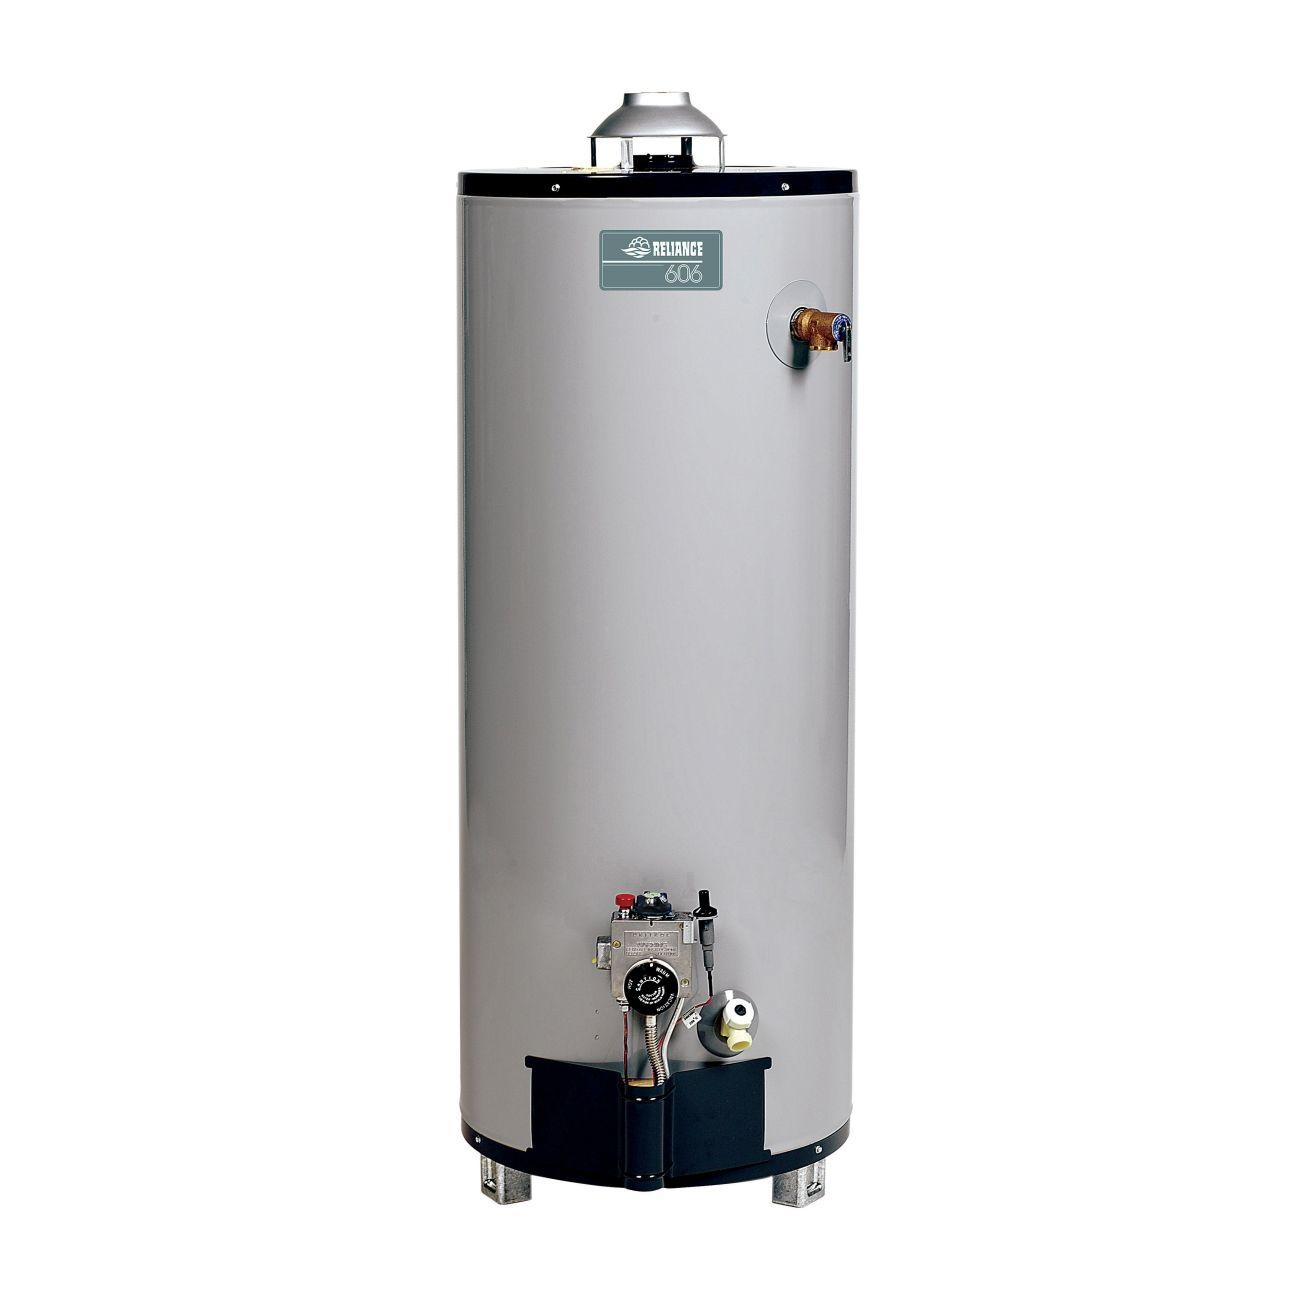 Gas core plumbing gascoreplumbing on pinterest